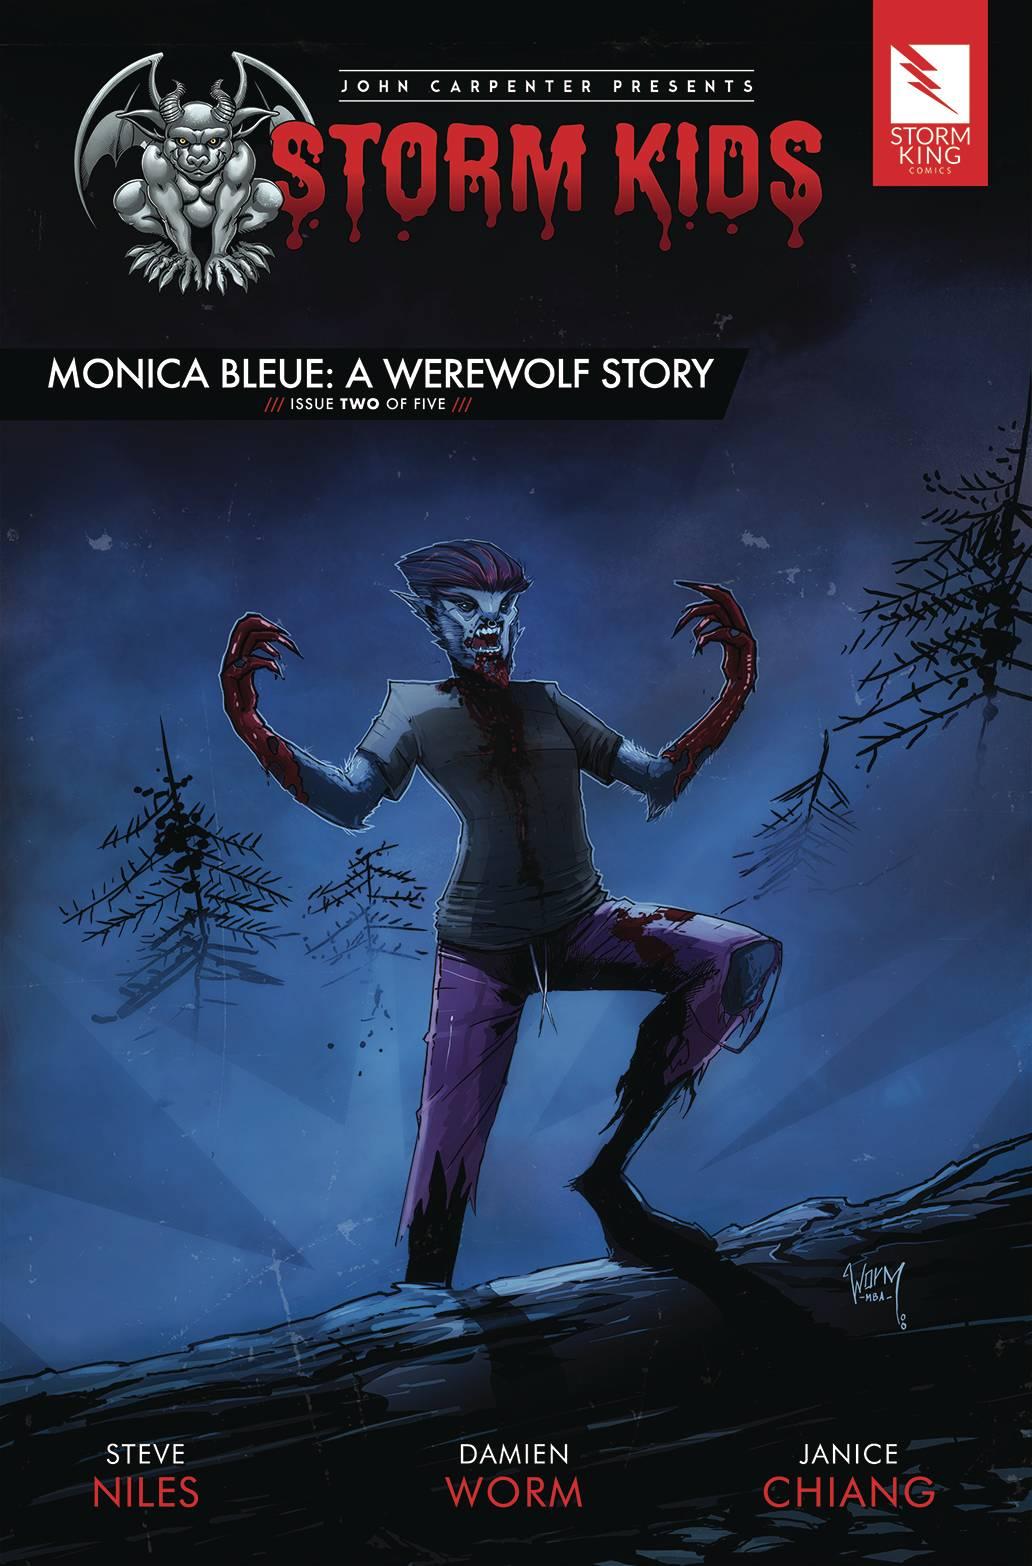 Storm Kids: Monica Bleue - A Werewolf Story #2 (2020)